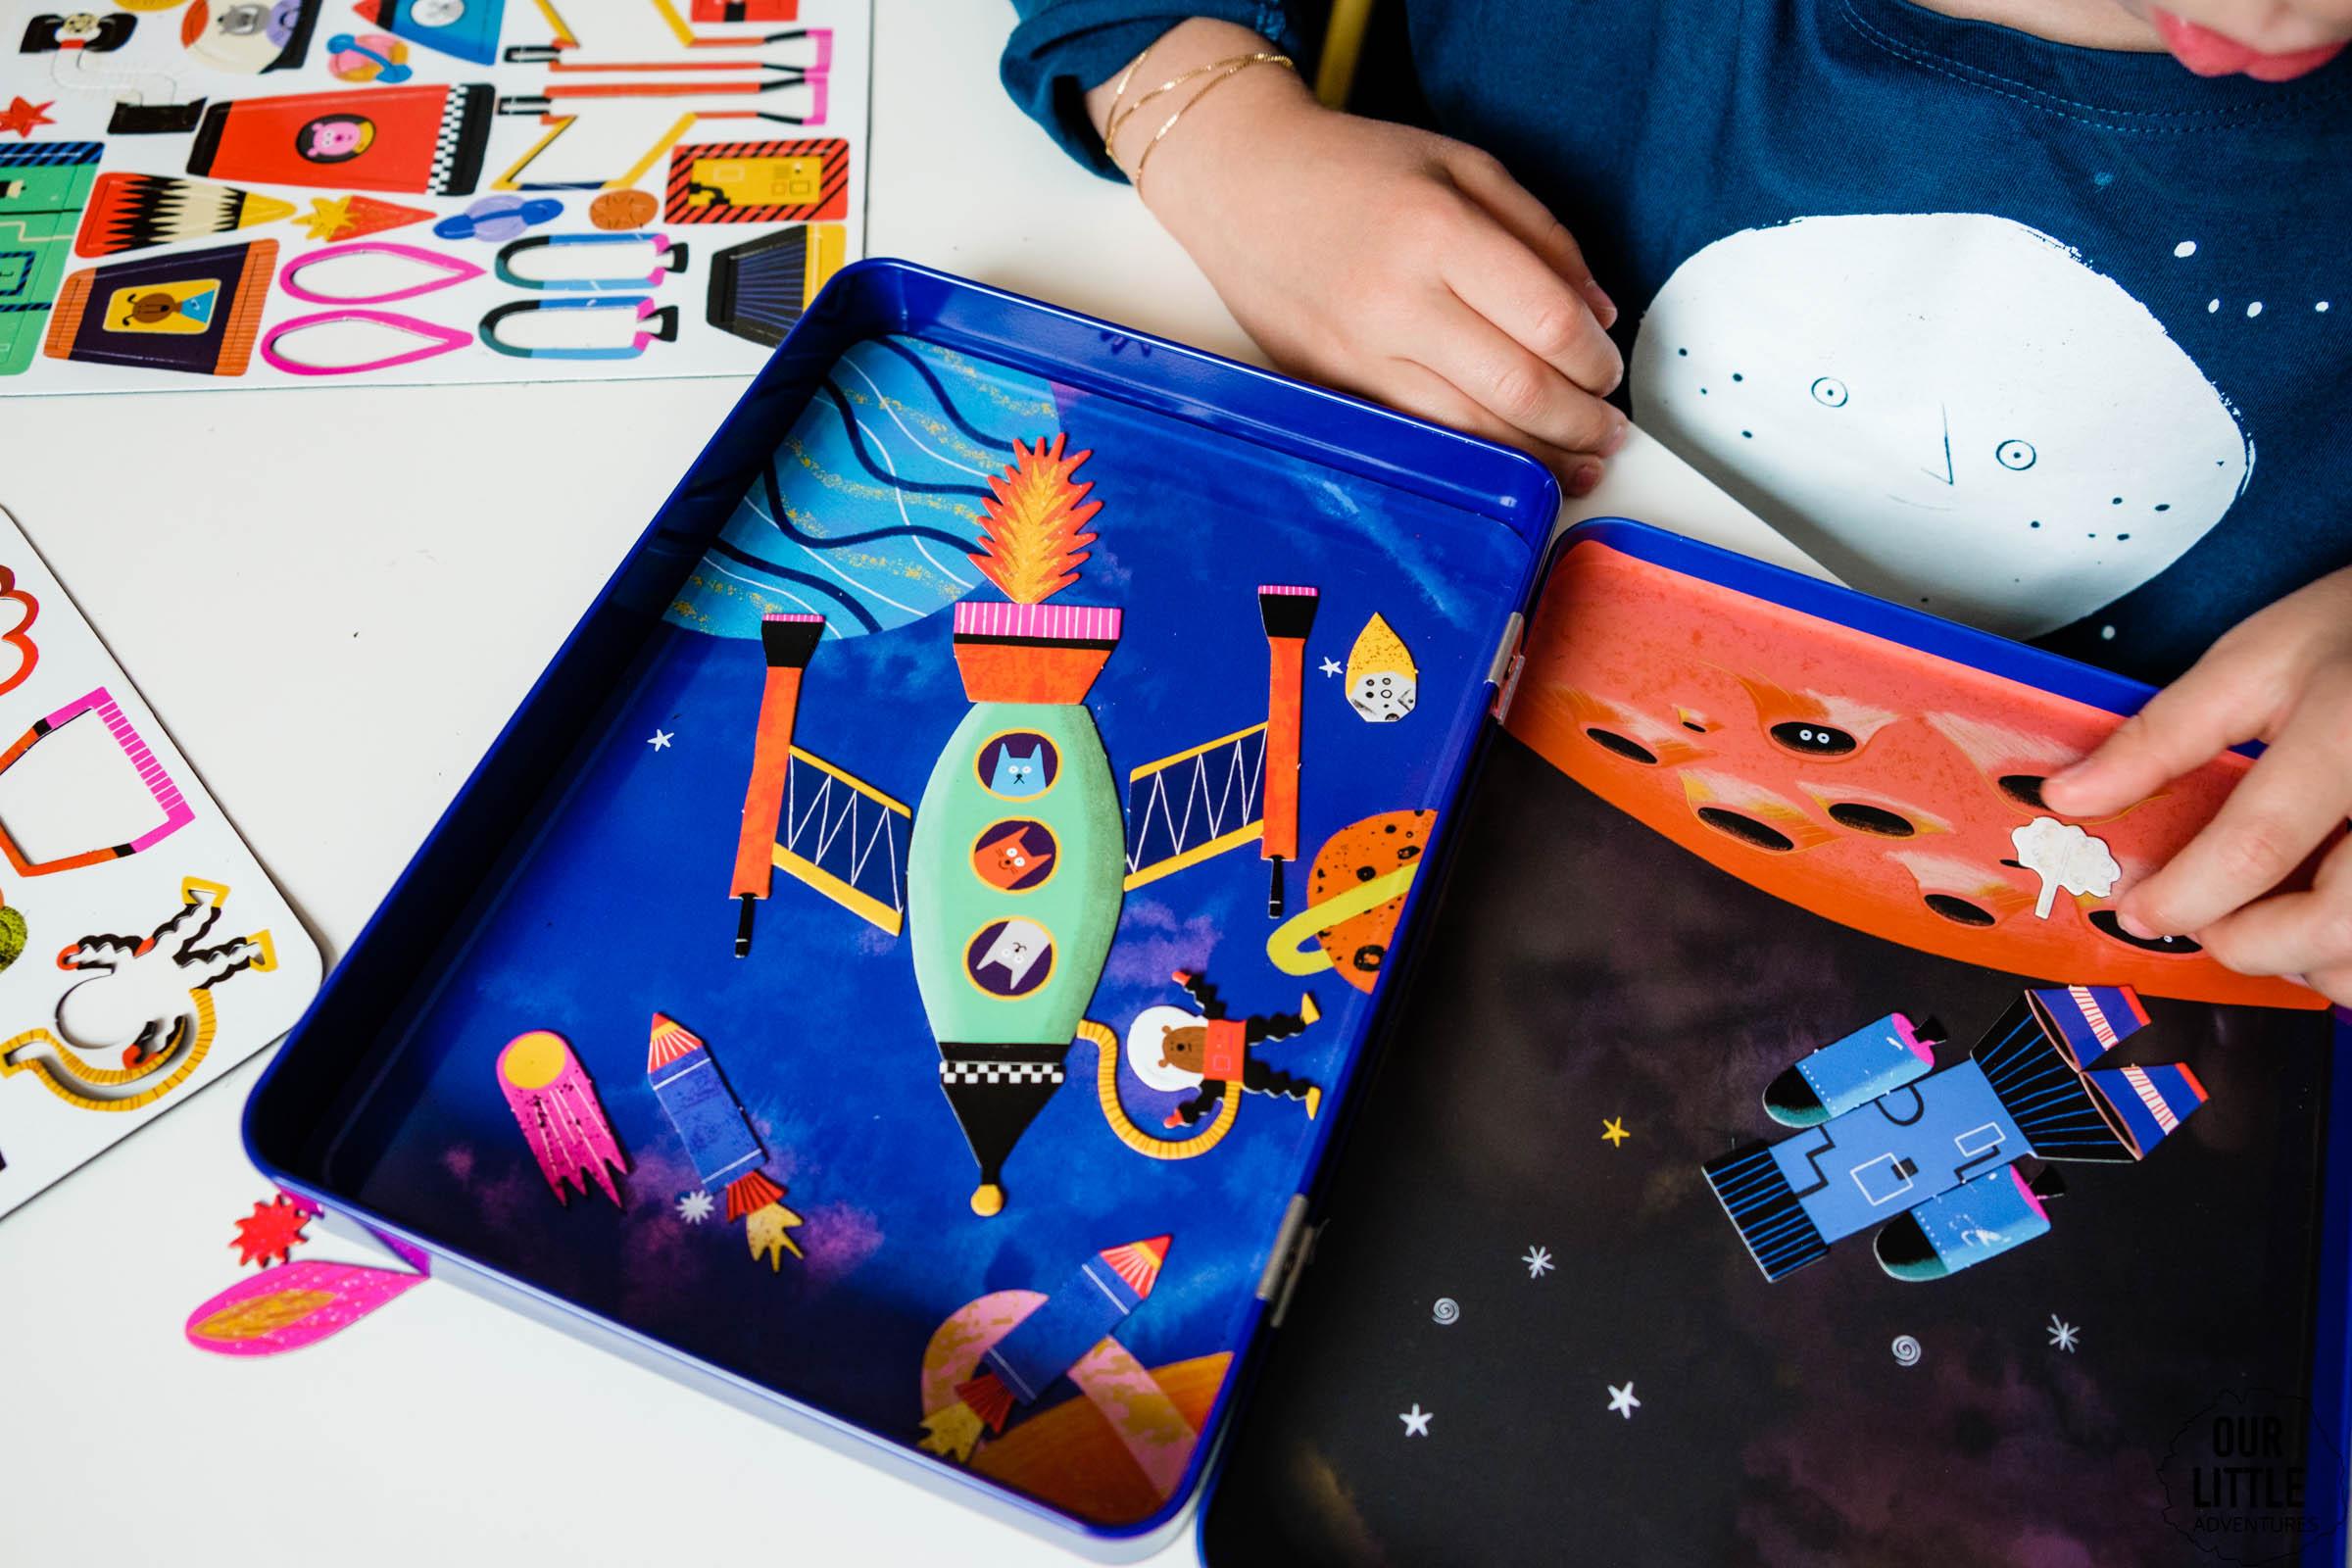 Zestaw kreatywny dla dzieci, magnetyczne puzzle Rocket Ships, Statki kosmiczne, Mudpuppy, kosmos dla dzieci